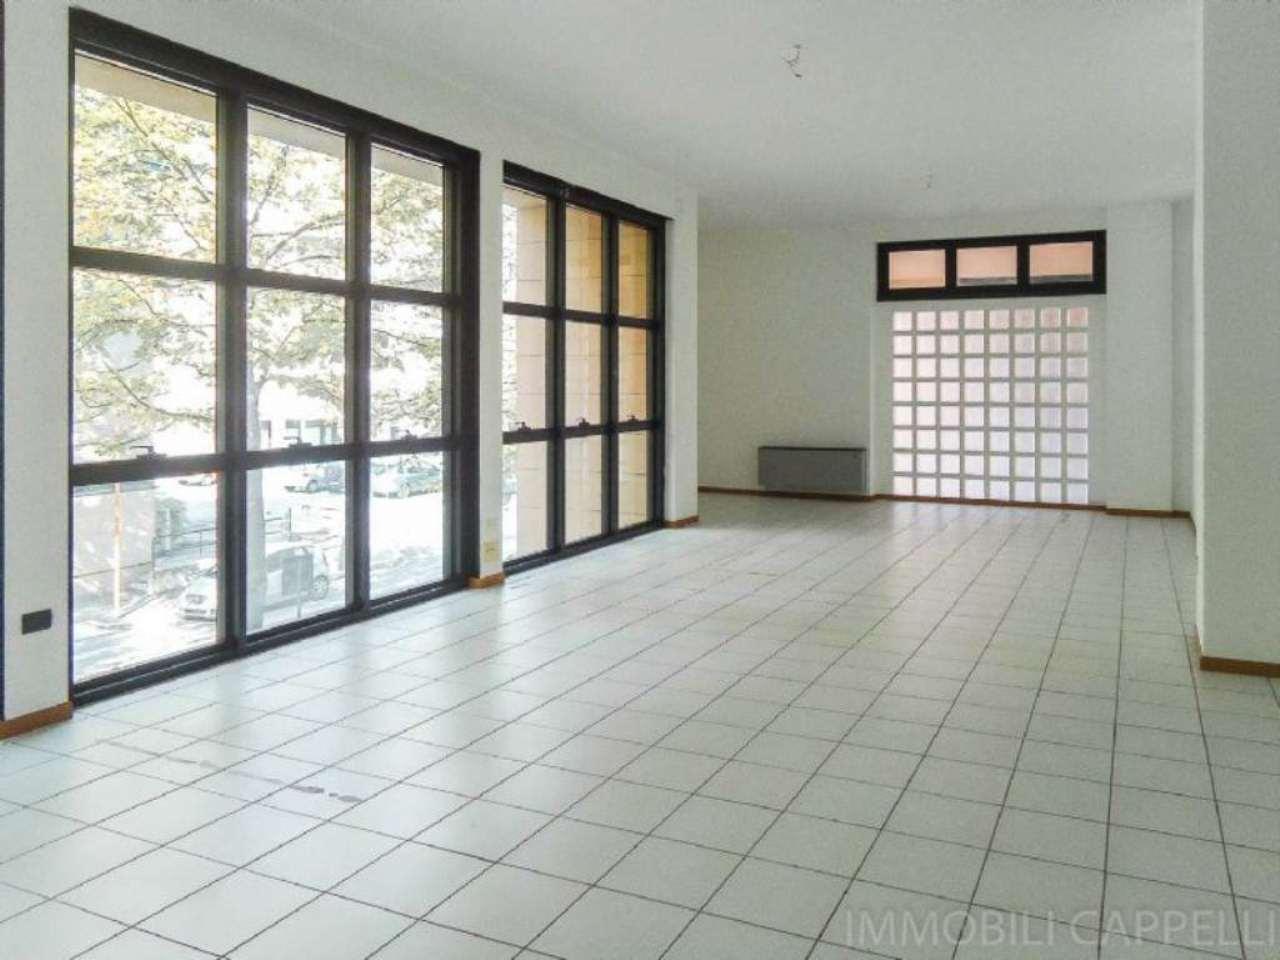 Ufficio / Studio in vendita a Cesena, 1 locali, prezzo € 198.000 | CambioCasa.it